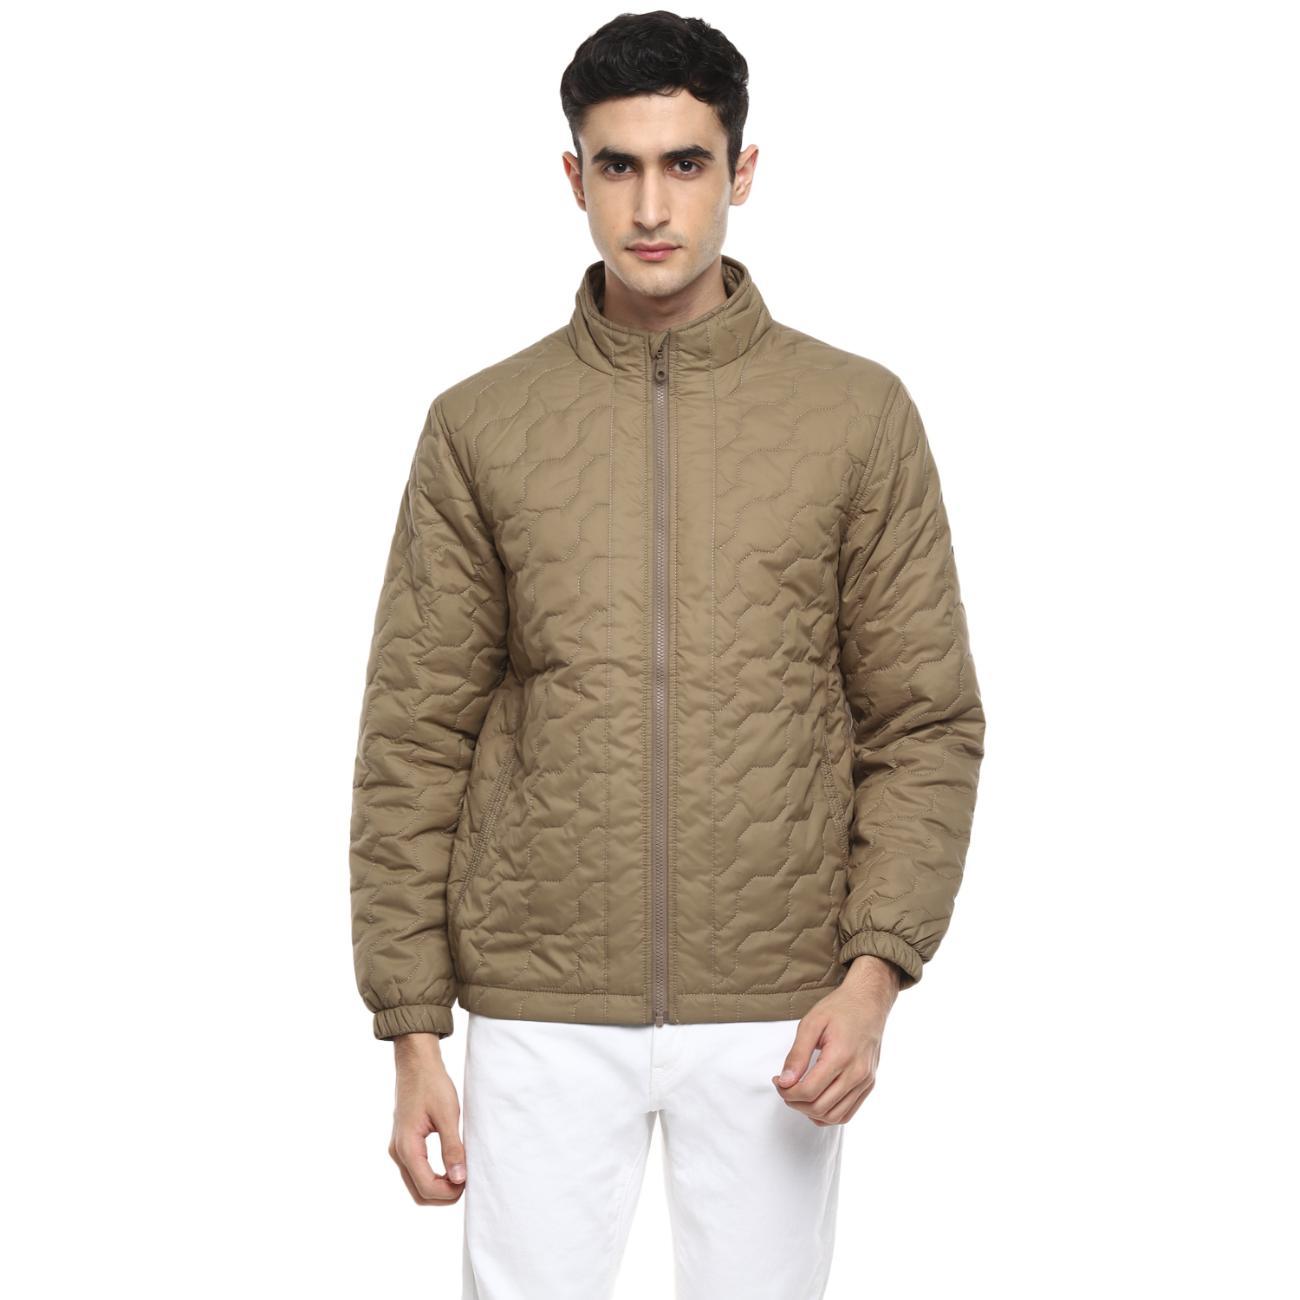 Buy Beige Jacket For Men